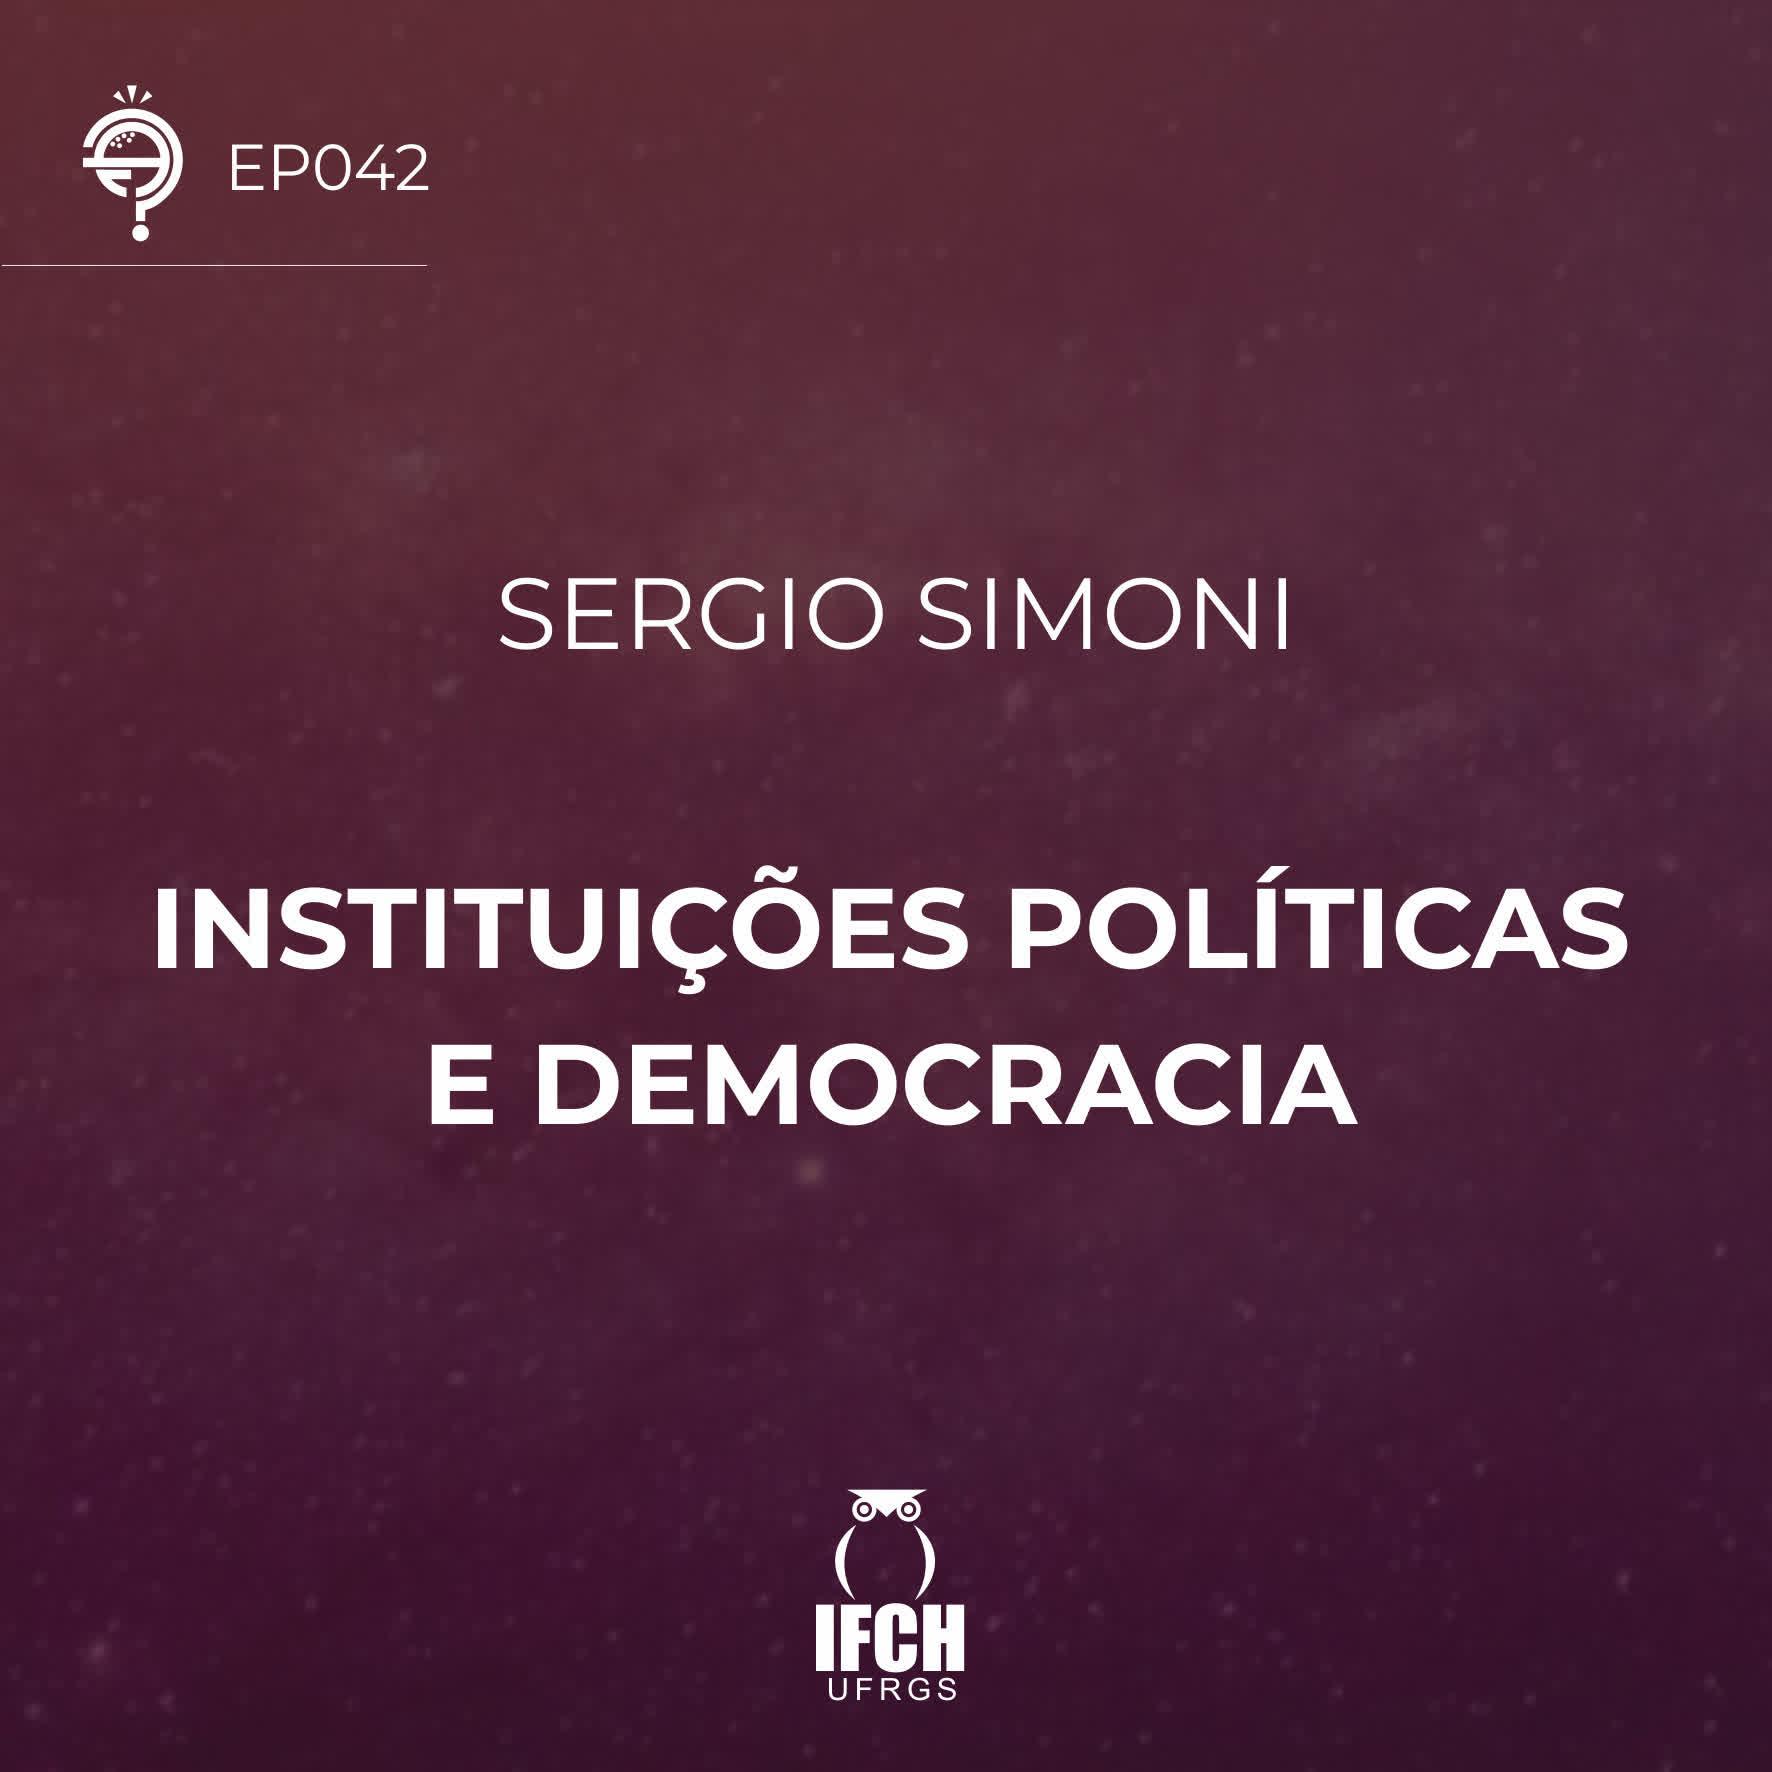 Ep. 042: Instituições Políticas e Democracia